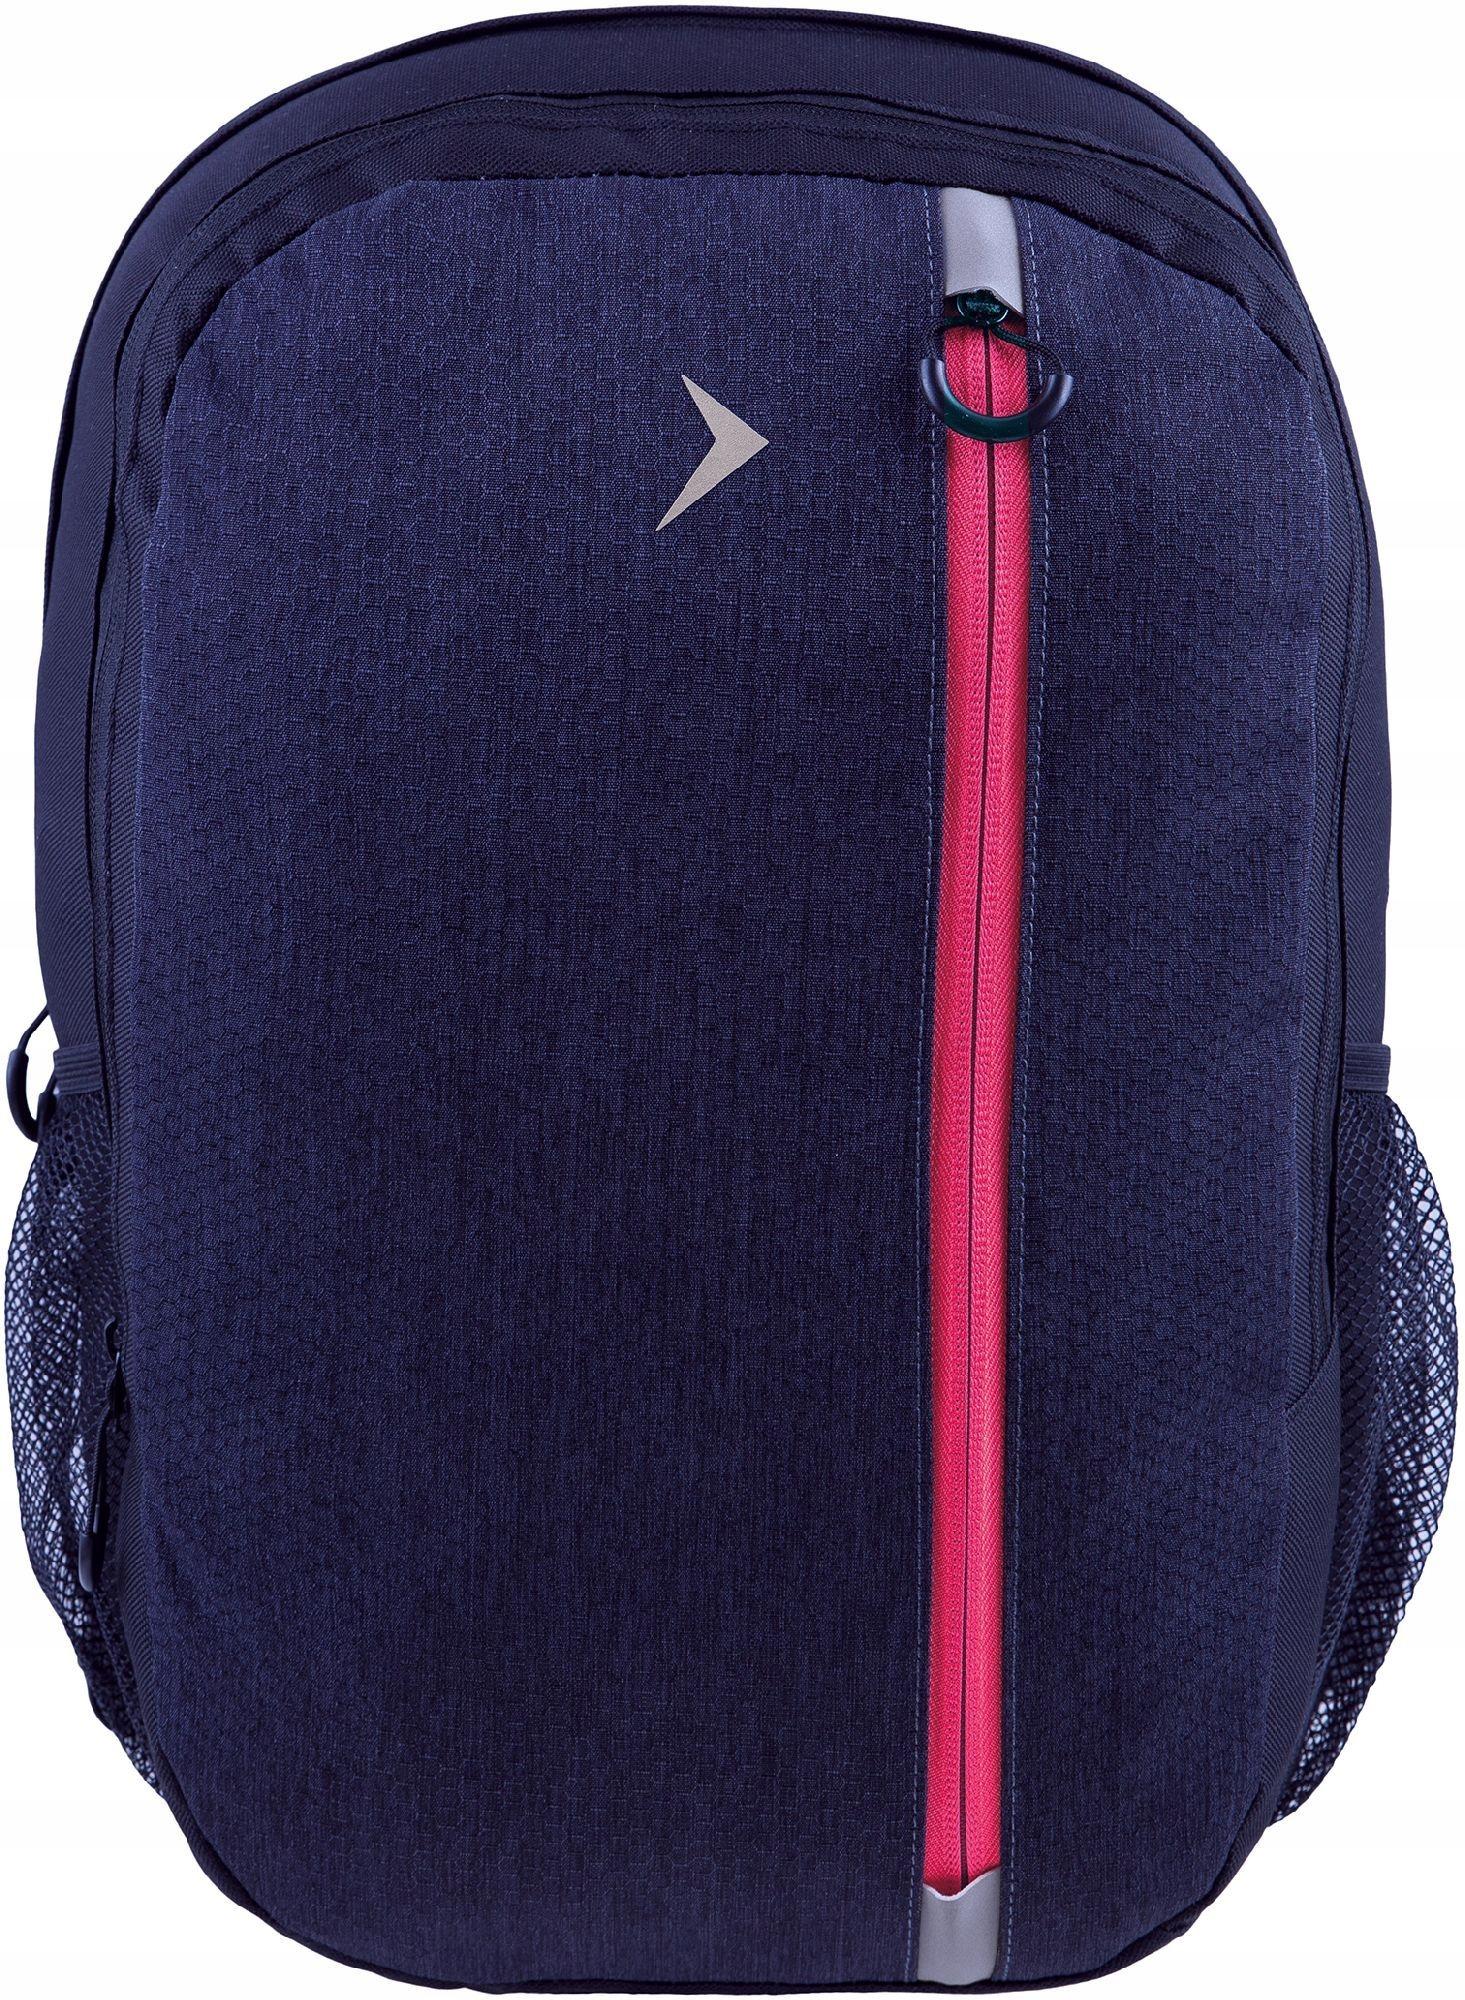 Outhorn plecak sportowy miejski HOL18-PCU609 16l